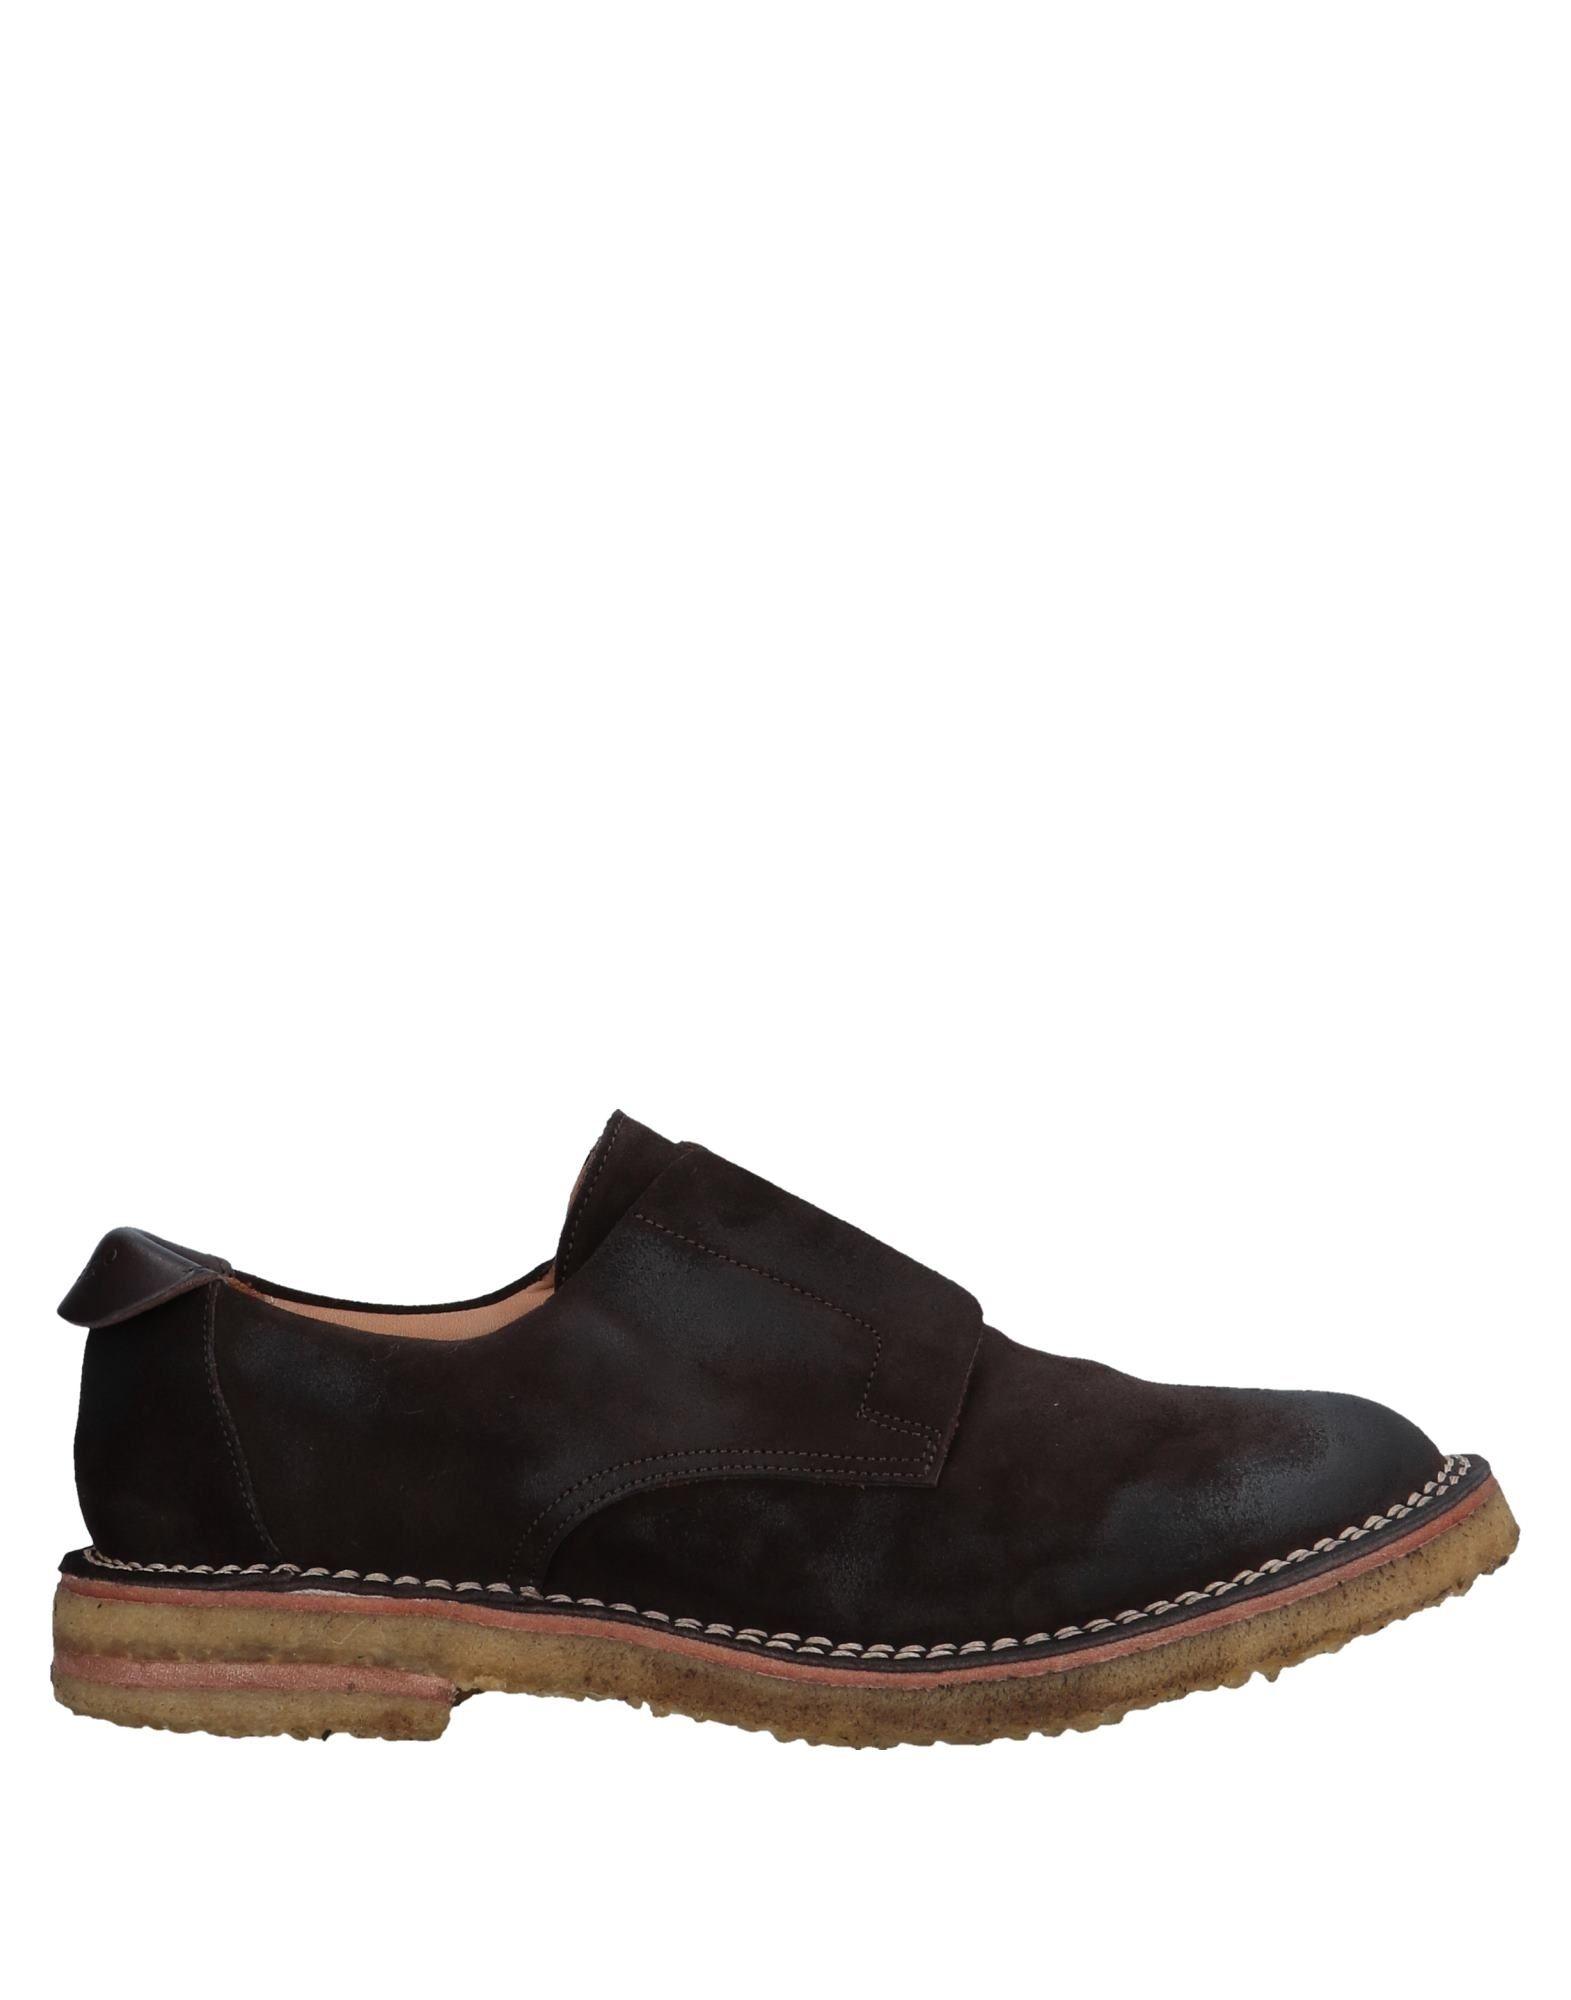 Buttero® Loafers Loafers - Men Buttero® Loafers Buttero® online on  Australia - 11556694KS 59c601